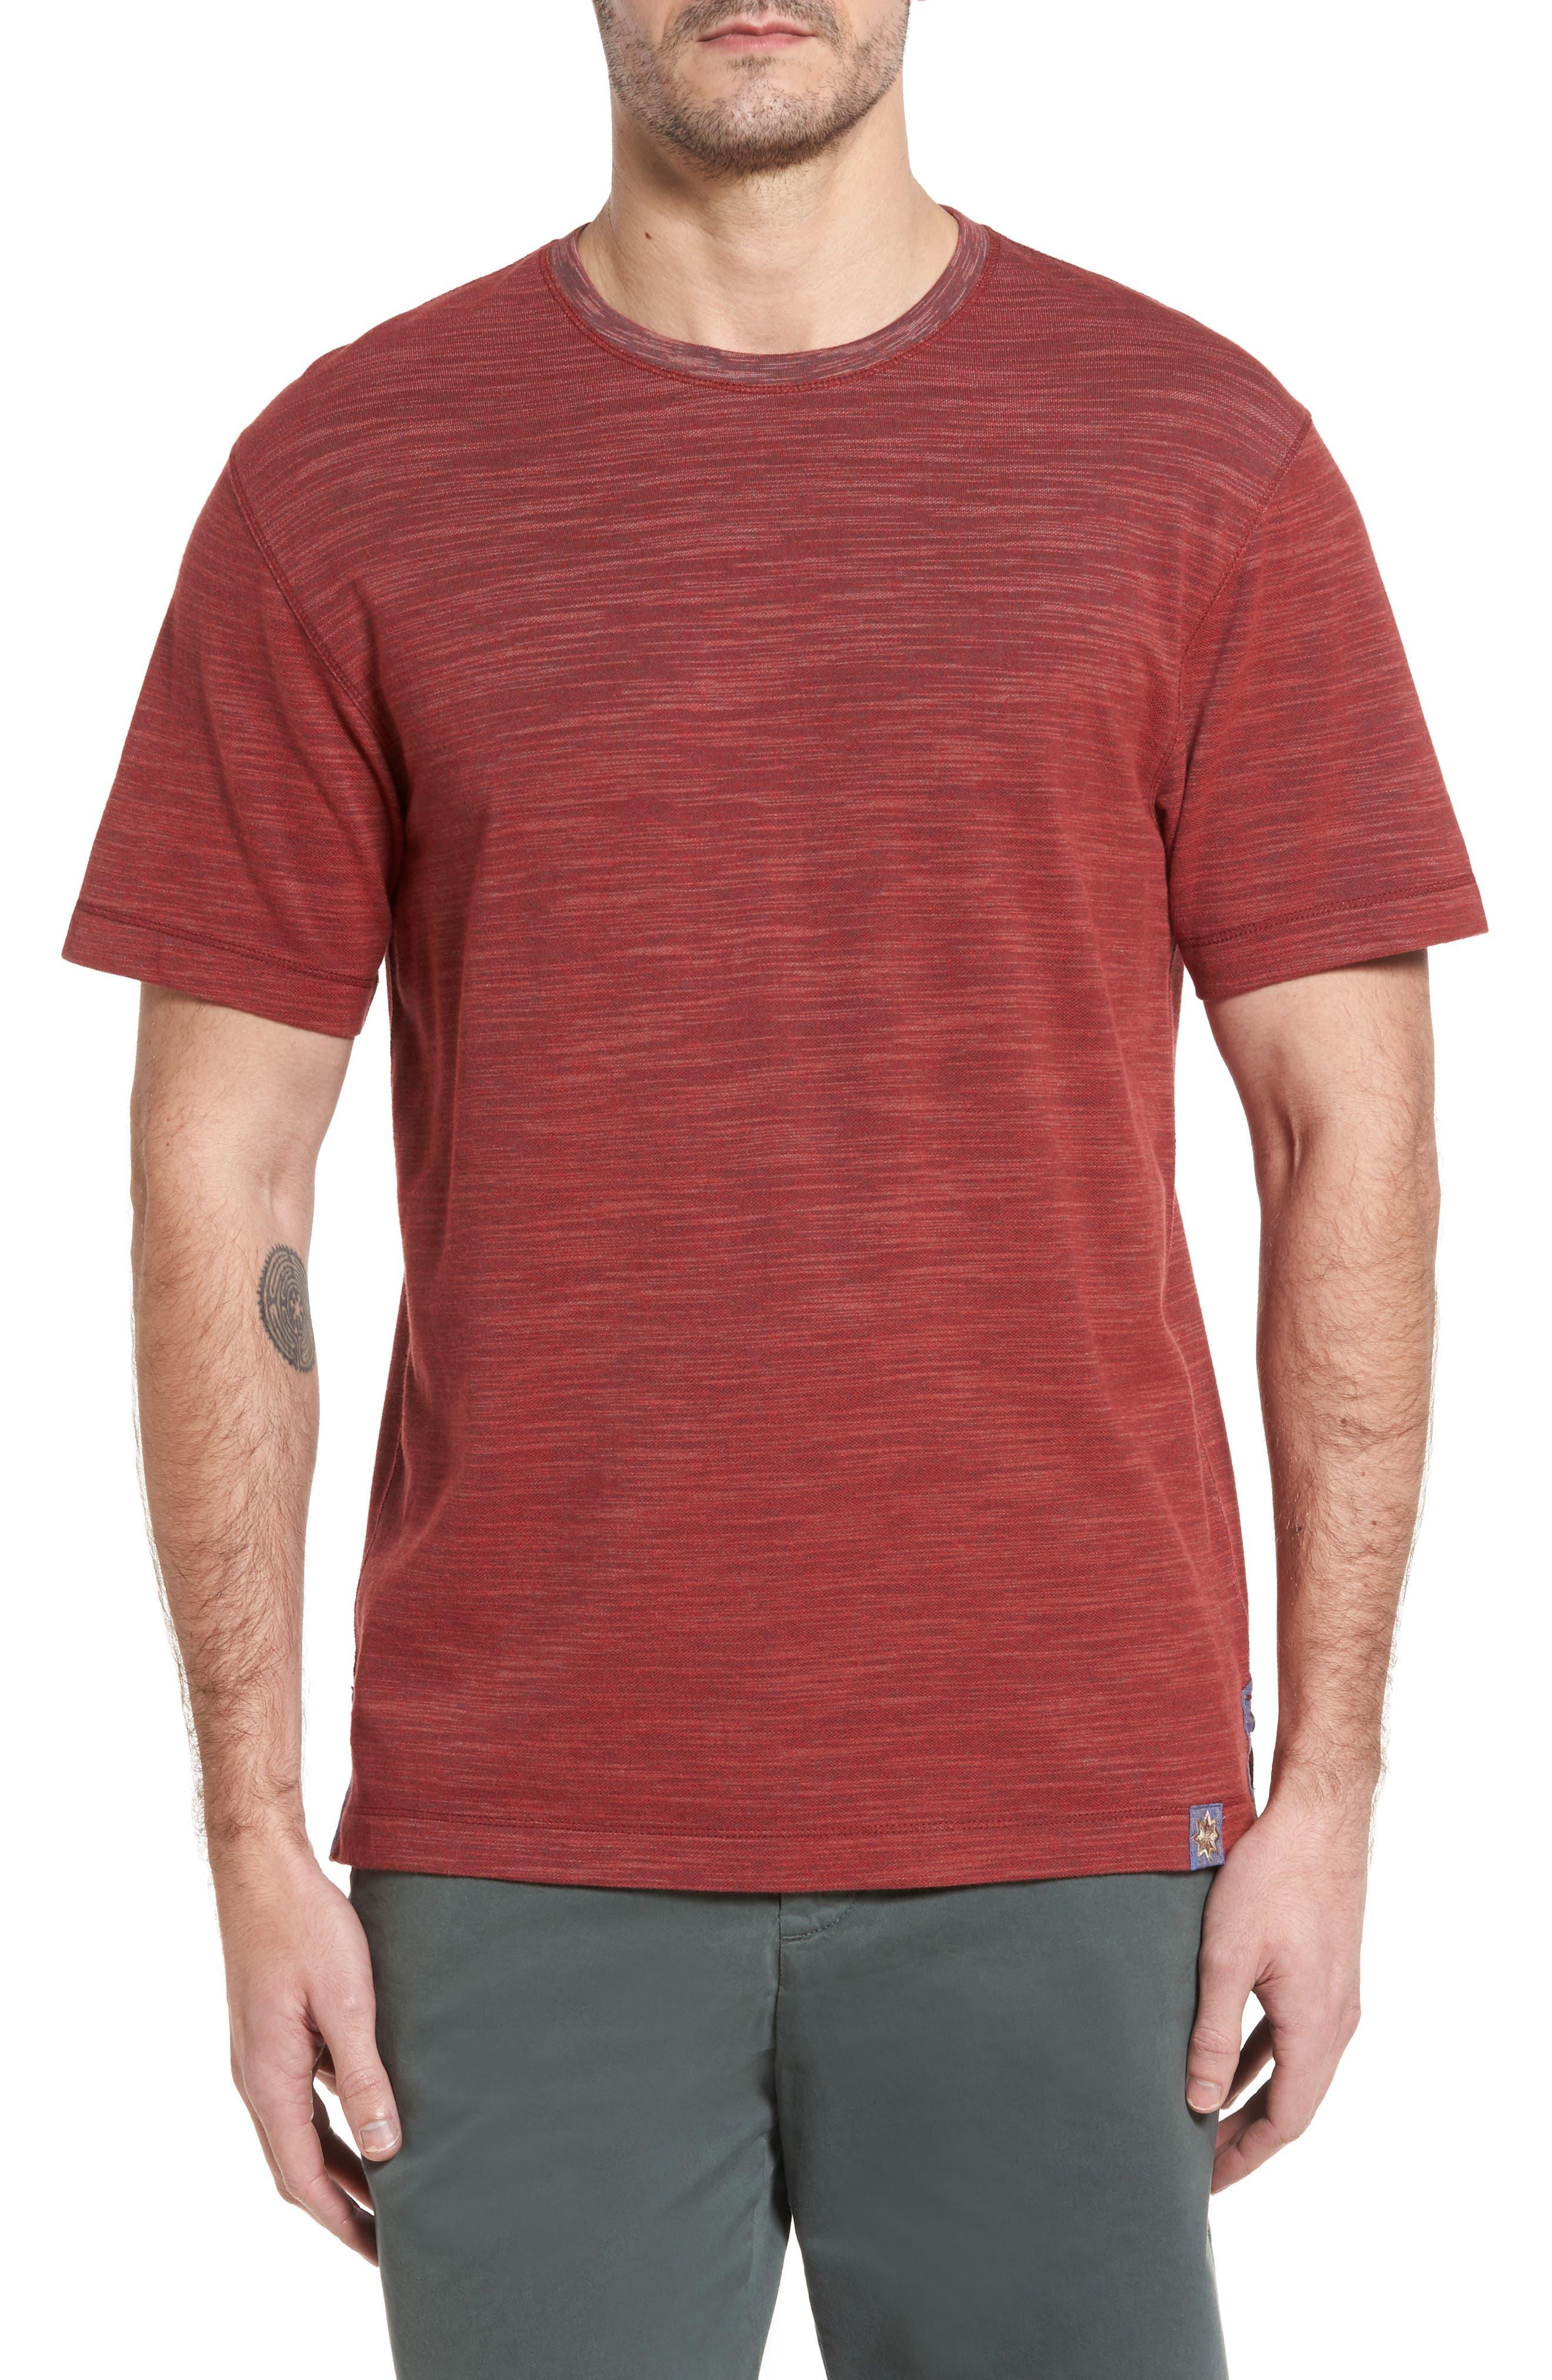 Main Image - Thaddeus Paxton Space Dye Piqué T-Shirt